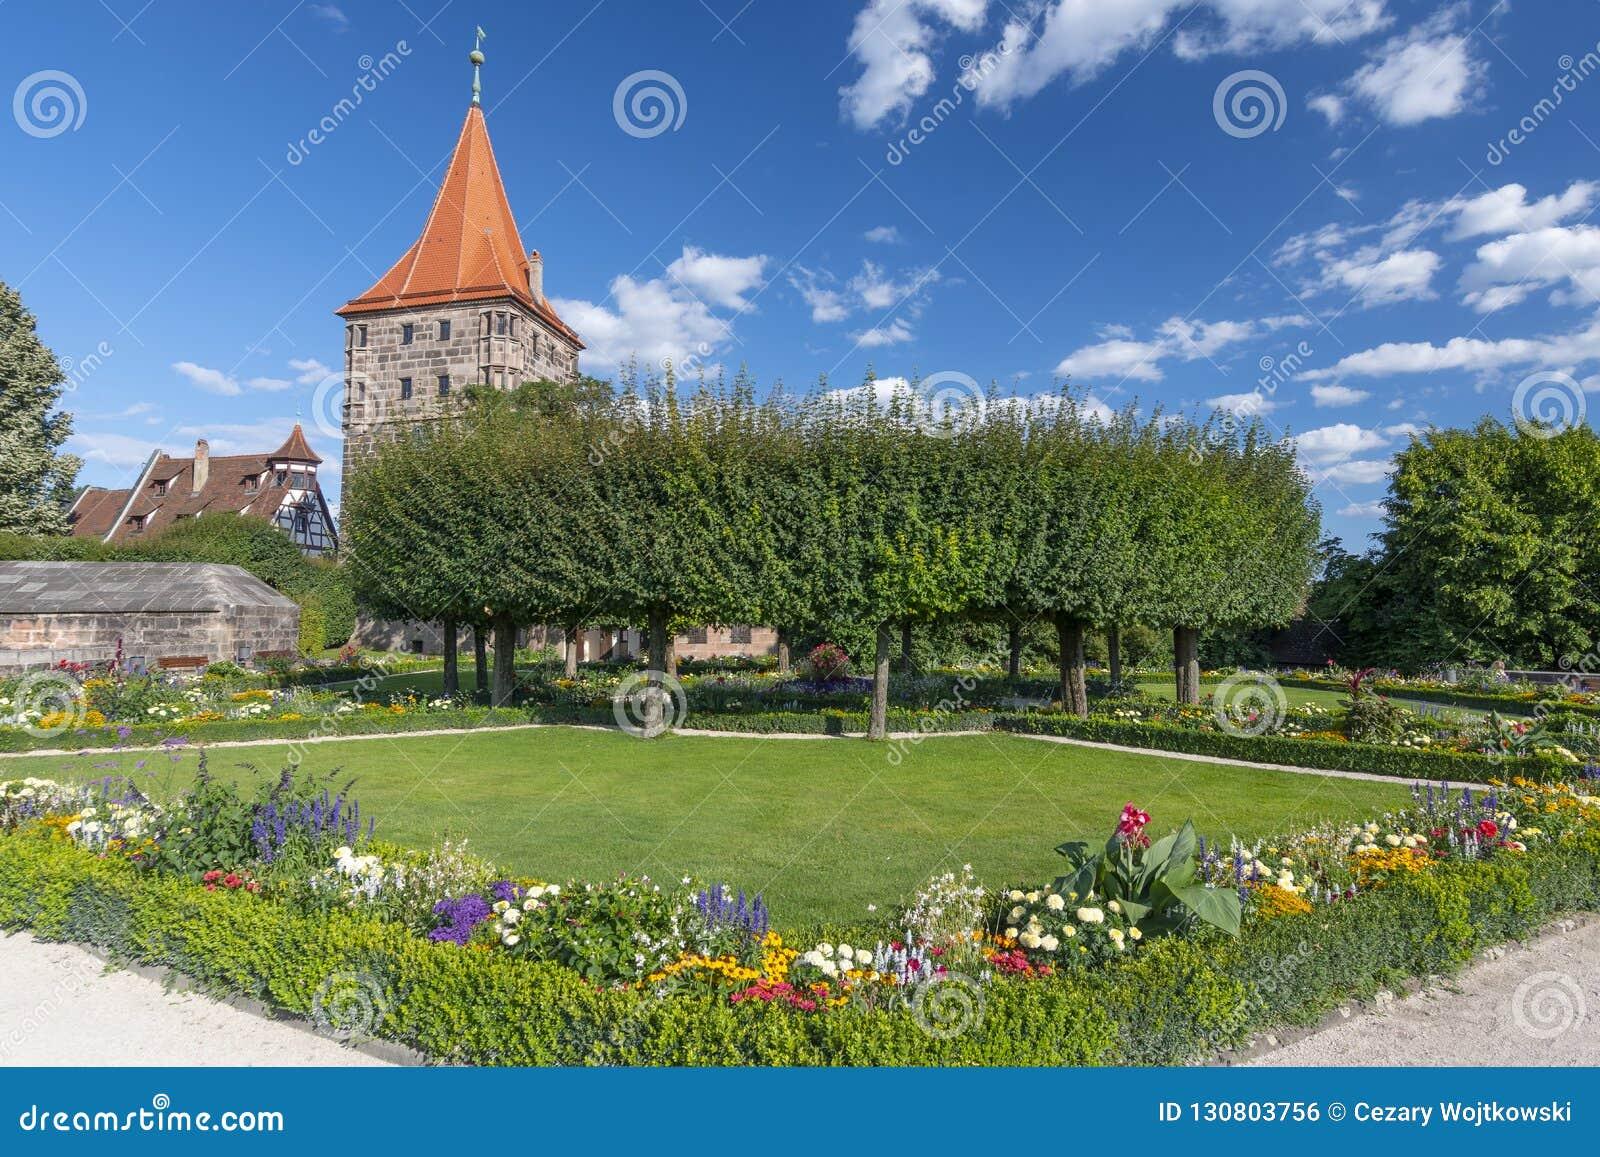 Slottträdgård i lägre bastion, den imperialistiska slotten och Tiergartnertor, Nuremberg, Franconia, Bayern, Tyskland